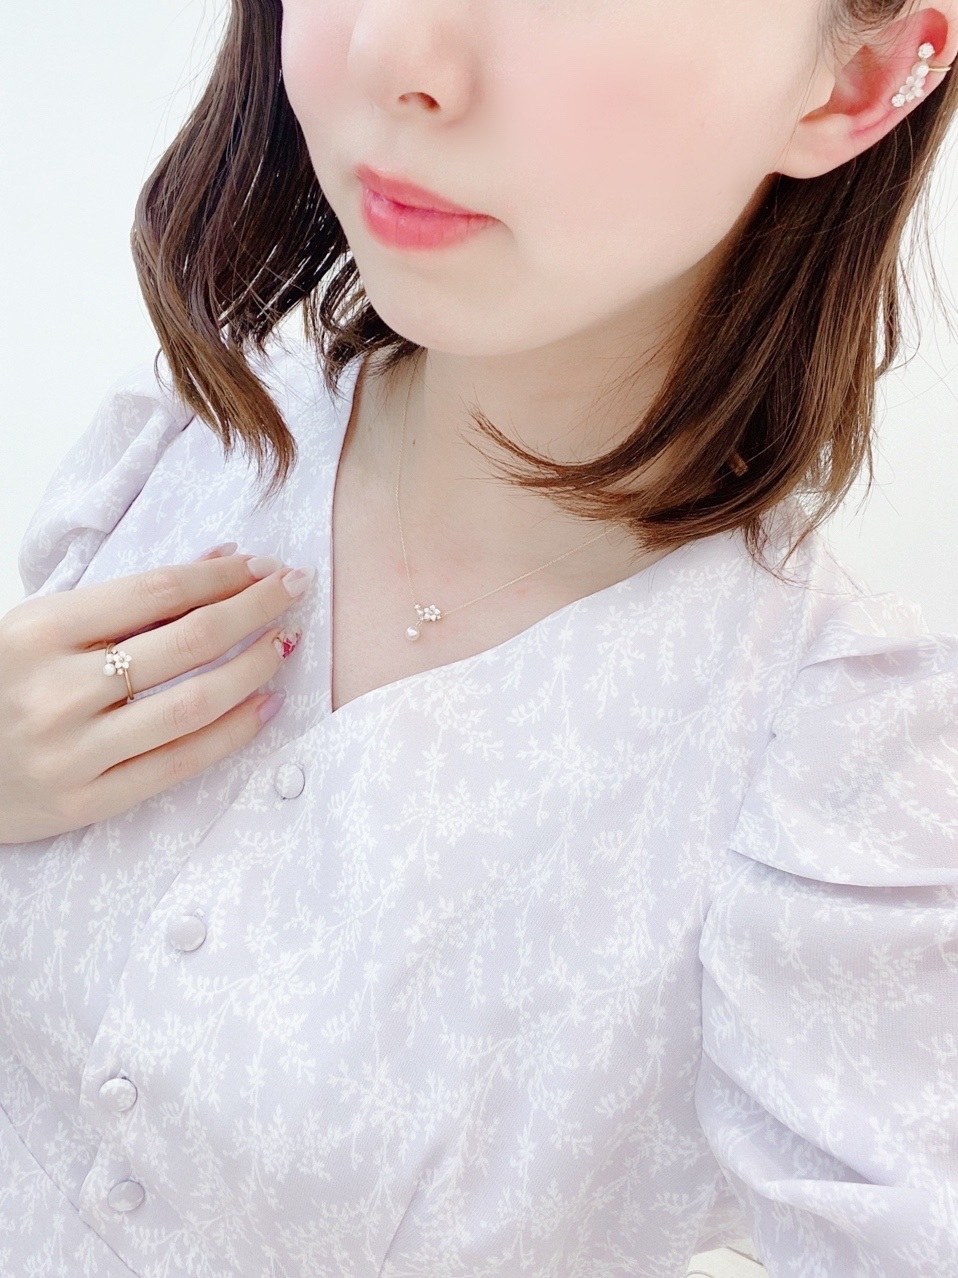 サマンサティアラ&シルヴァ 仙台エスパル店 Kanami